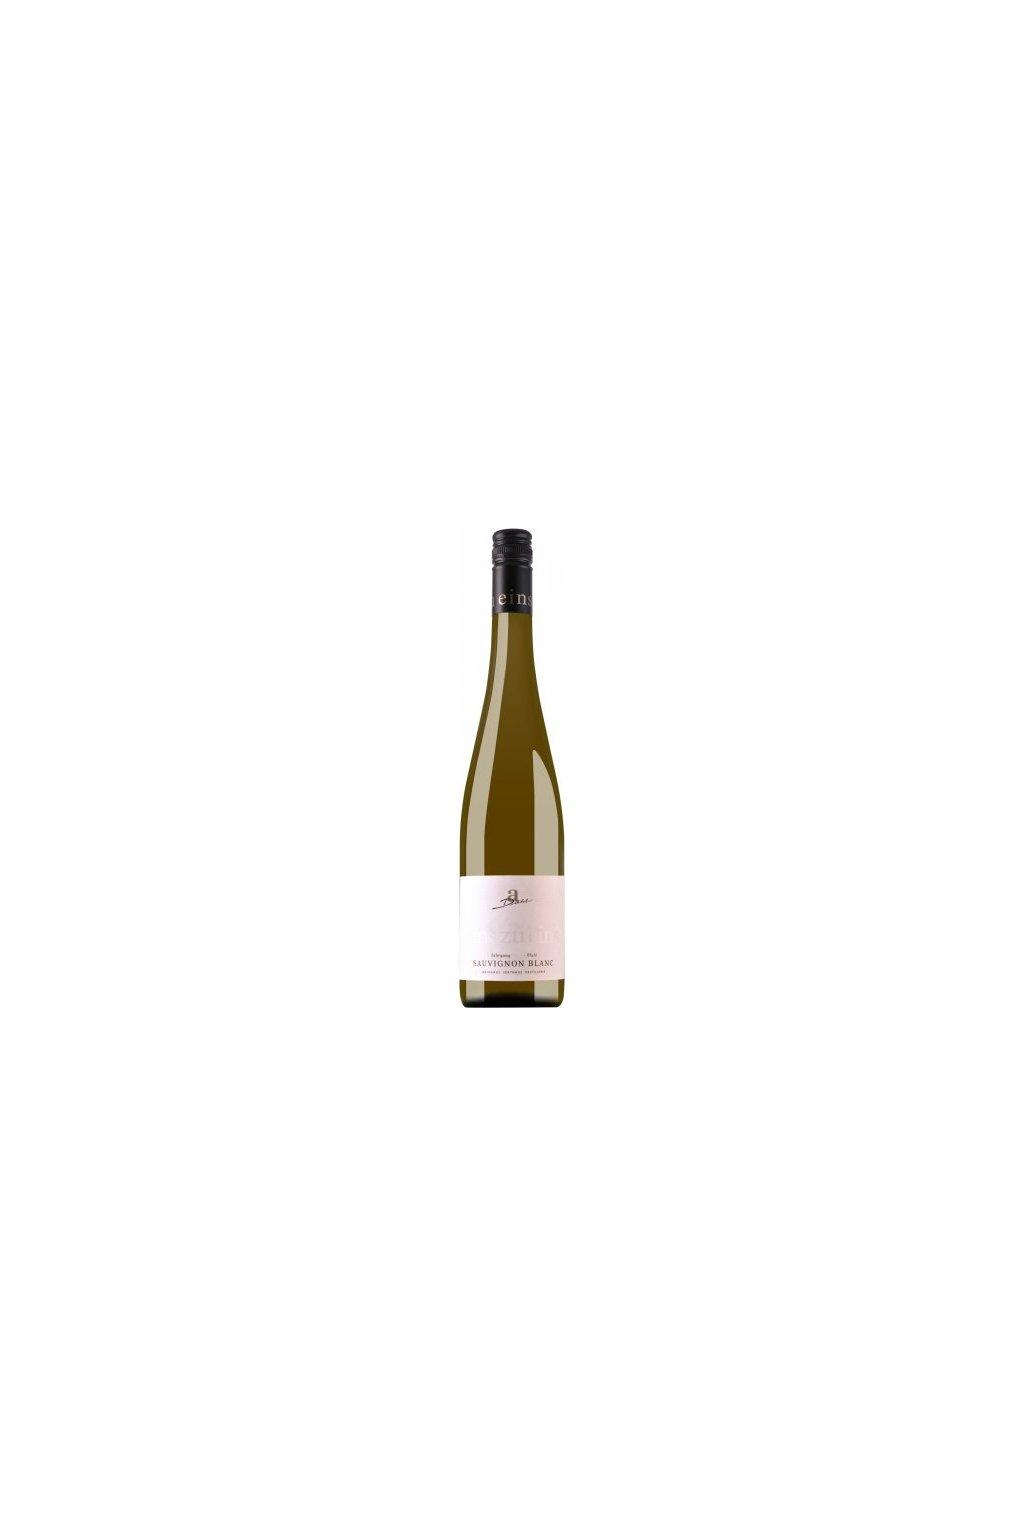 52274 00 a diehl sauvignon blanc eins zu eins trocken 2018